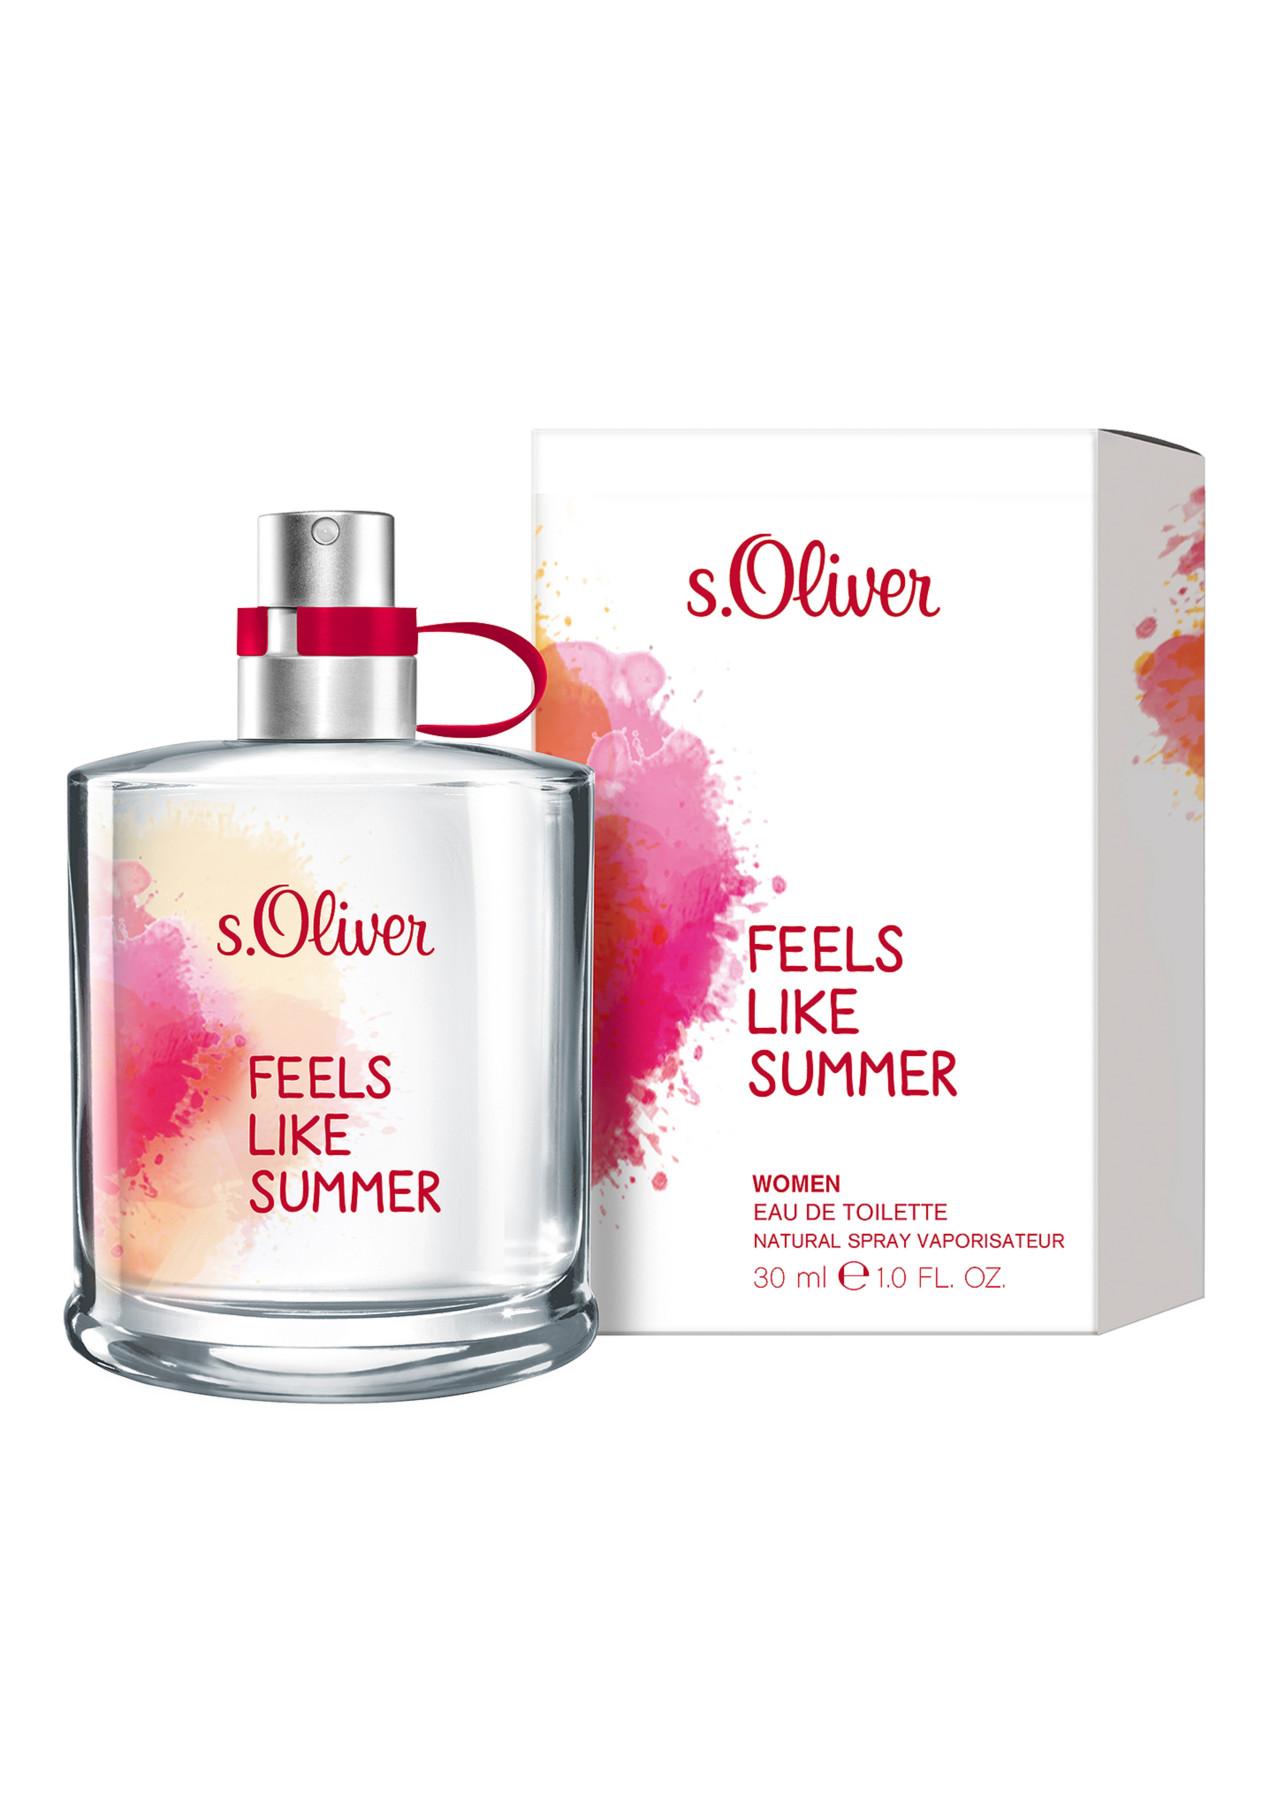 s.Oliver Feels Like Summer Women 2019 | Duftbeschreibung